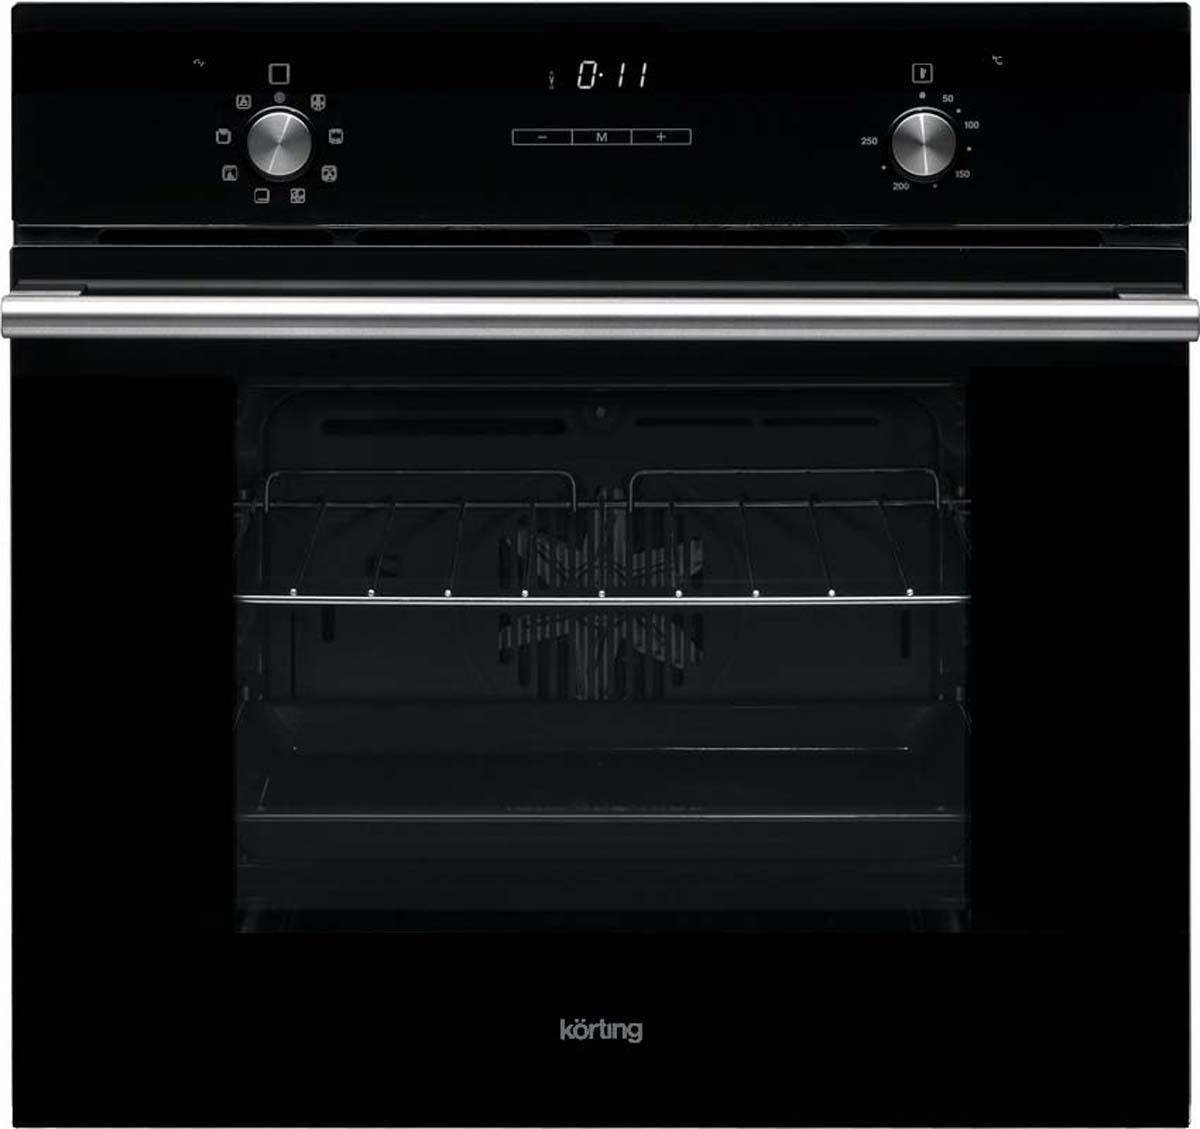 Korting OKB 792 CFN, Black электрический духовой шкаф встраиваемый